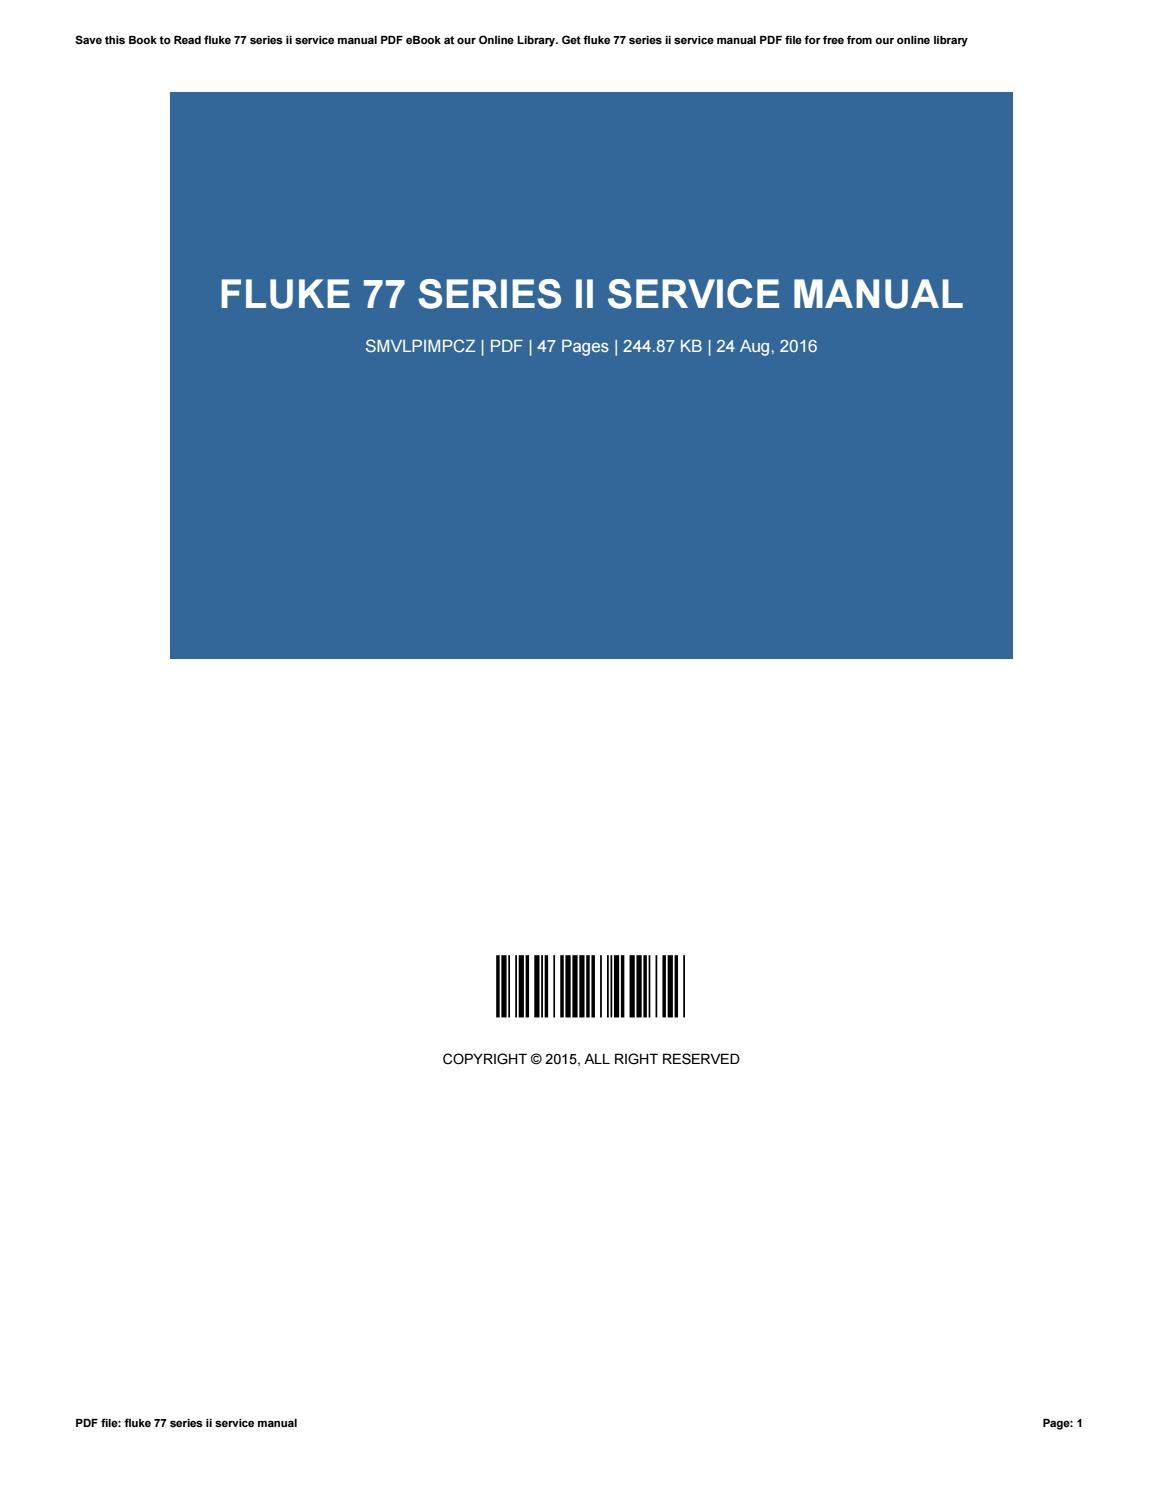 hp xw6200 manual ebook rh hp xw6200 manual ebook pureroseoil us